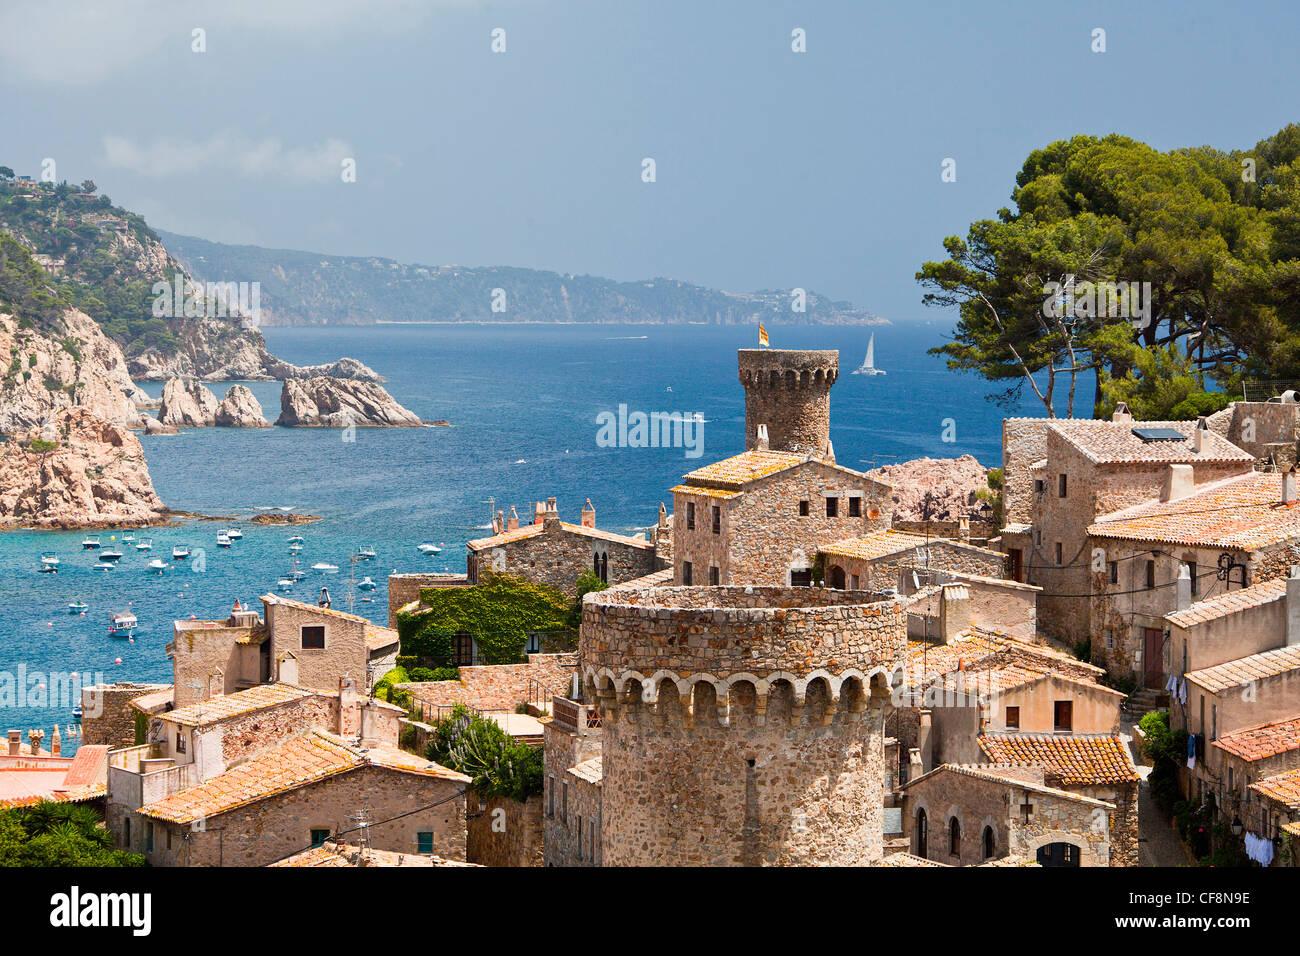 Spain Europe Girona Province Costa Brava Coast Tossa De Mar